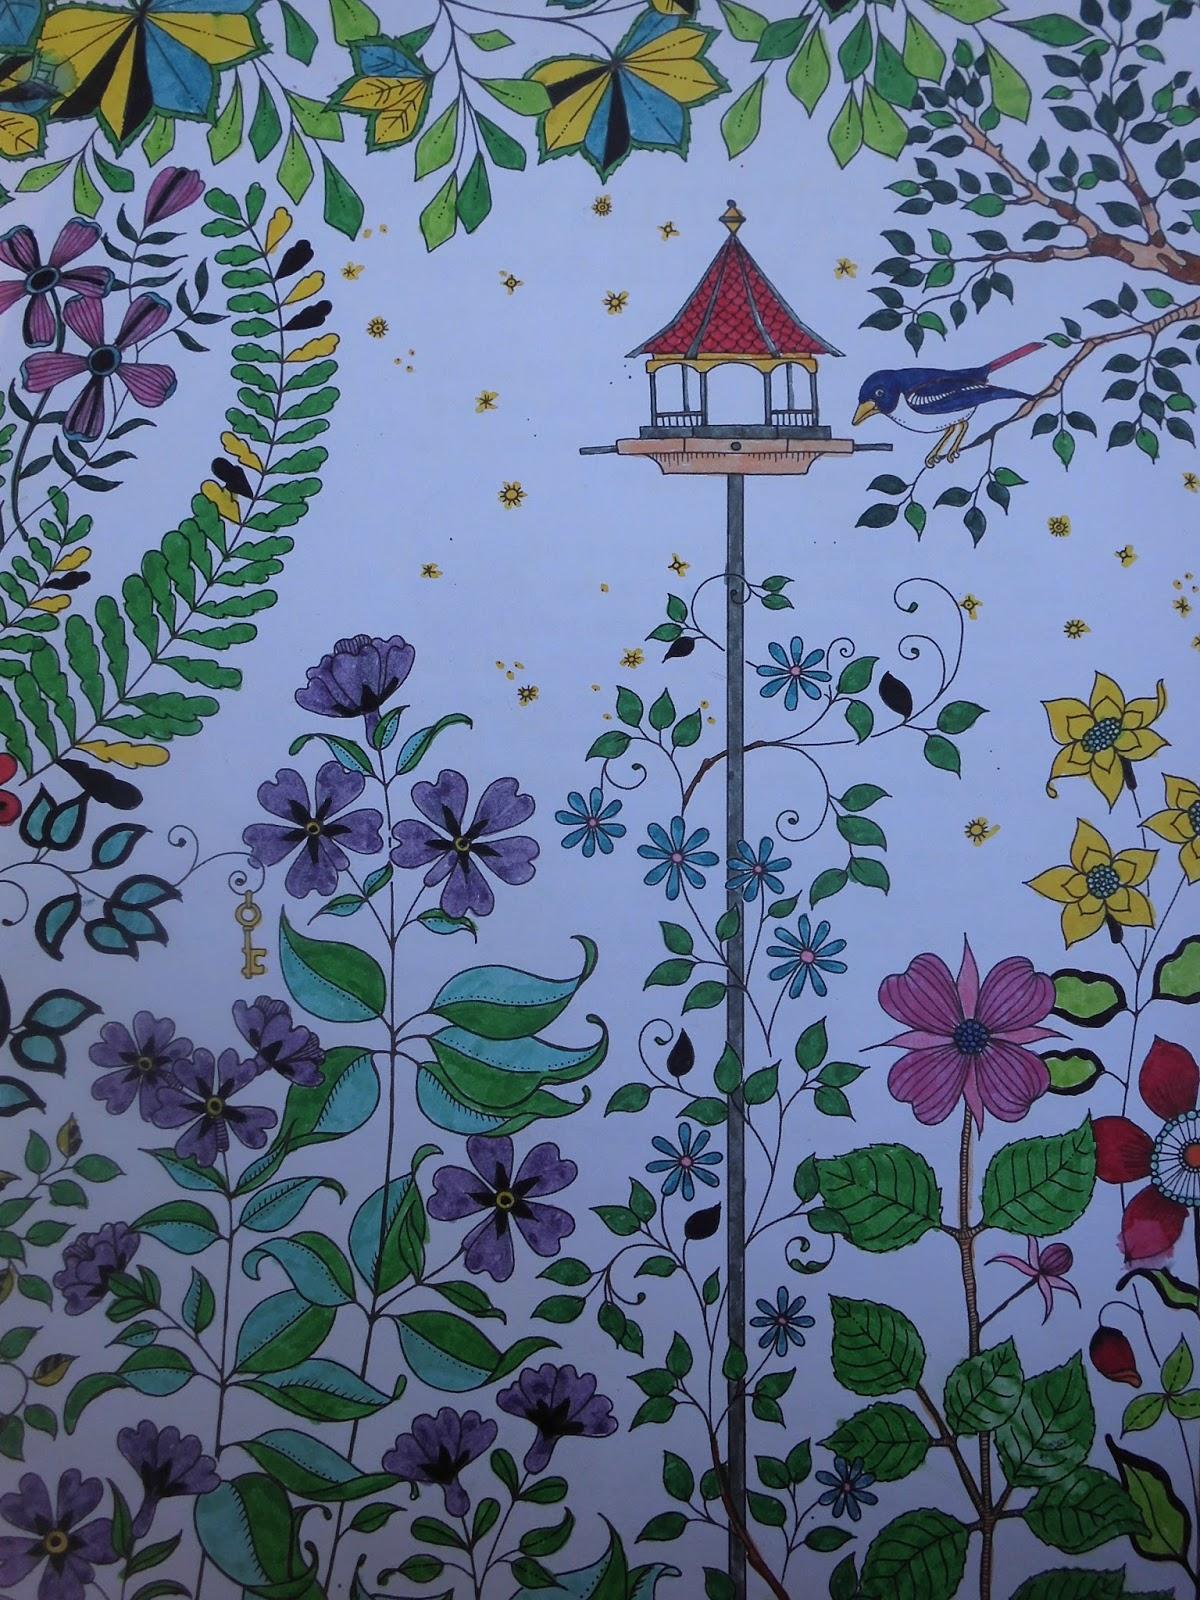 Estilo y hogar mis dibujos en el libro el jard n secreto for El jardin secreto johanna basford